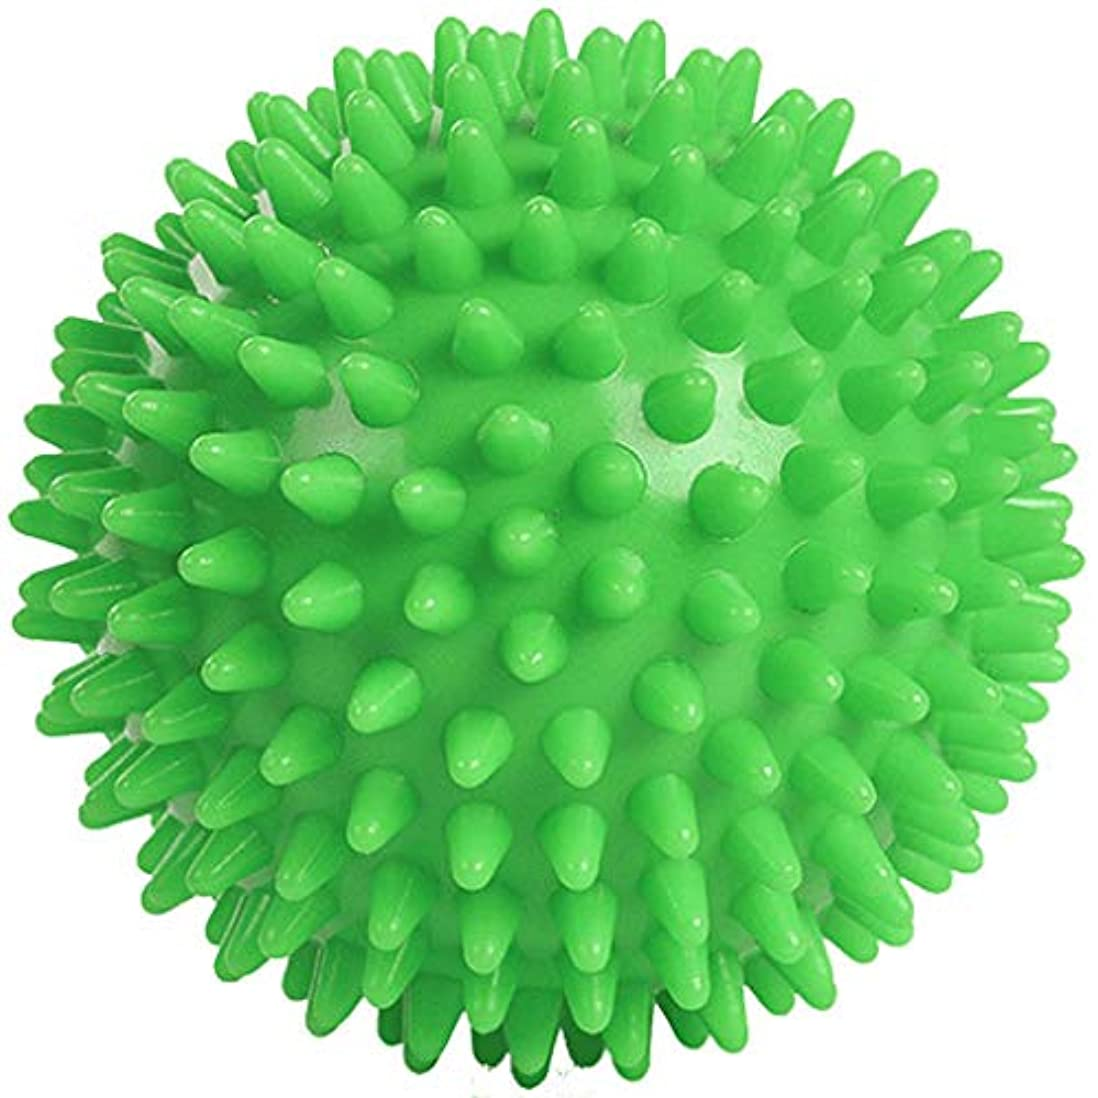 膨張する足落ち着かないArichops リフレックスボール 触覚ボール 足裏手 背中のマッサージボール リハビリ マッサージ用 血液循環促進 筋肉緊張 圧迫で解きほぐす 【純正品】